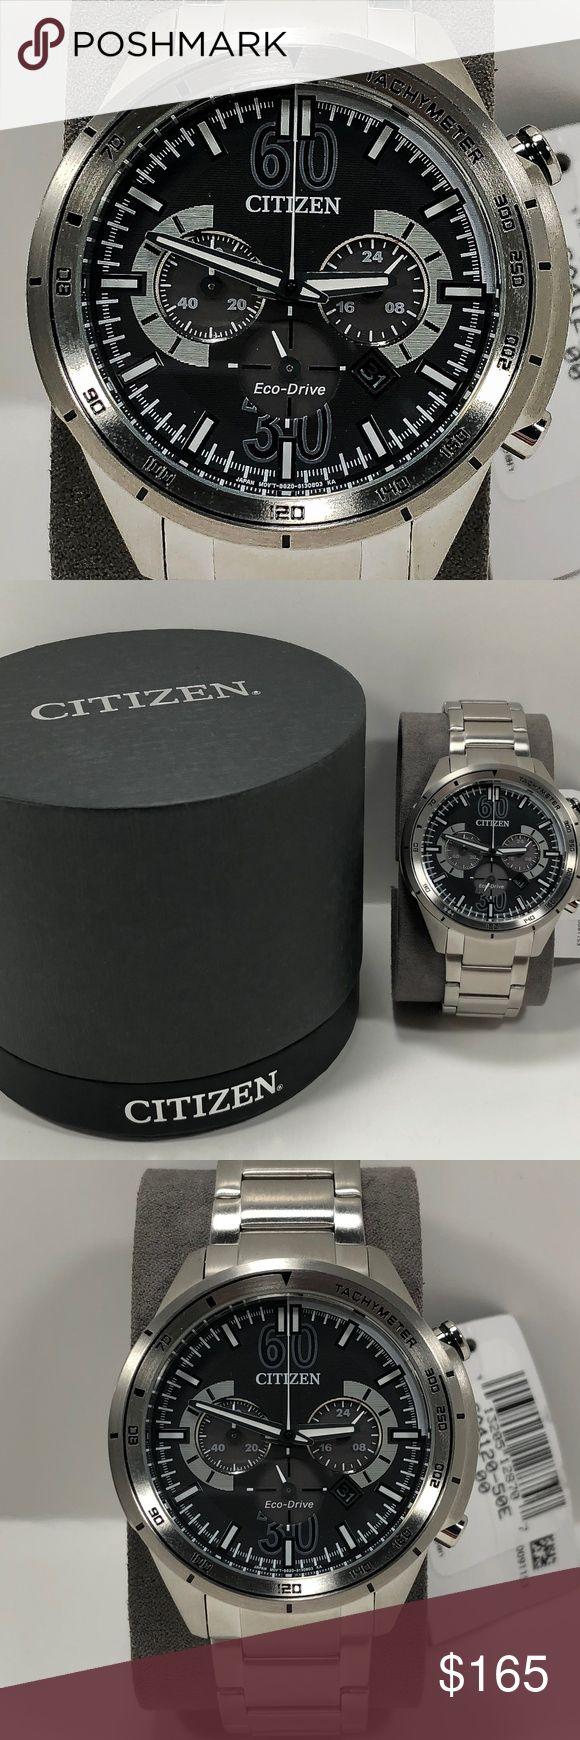 Citizen Eco-Drive Men's Watch CA4120-50E Citizen Eco-Drive Men's Watch CA4120-50E New with tags and original box Item Number CA4120-50E Original retail price $295 Citizen Accessories Watches